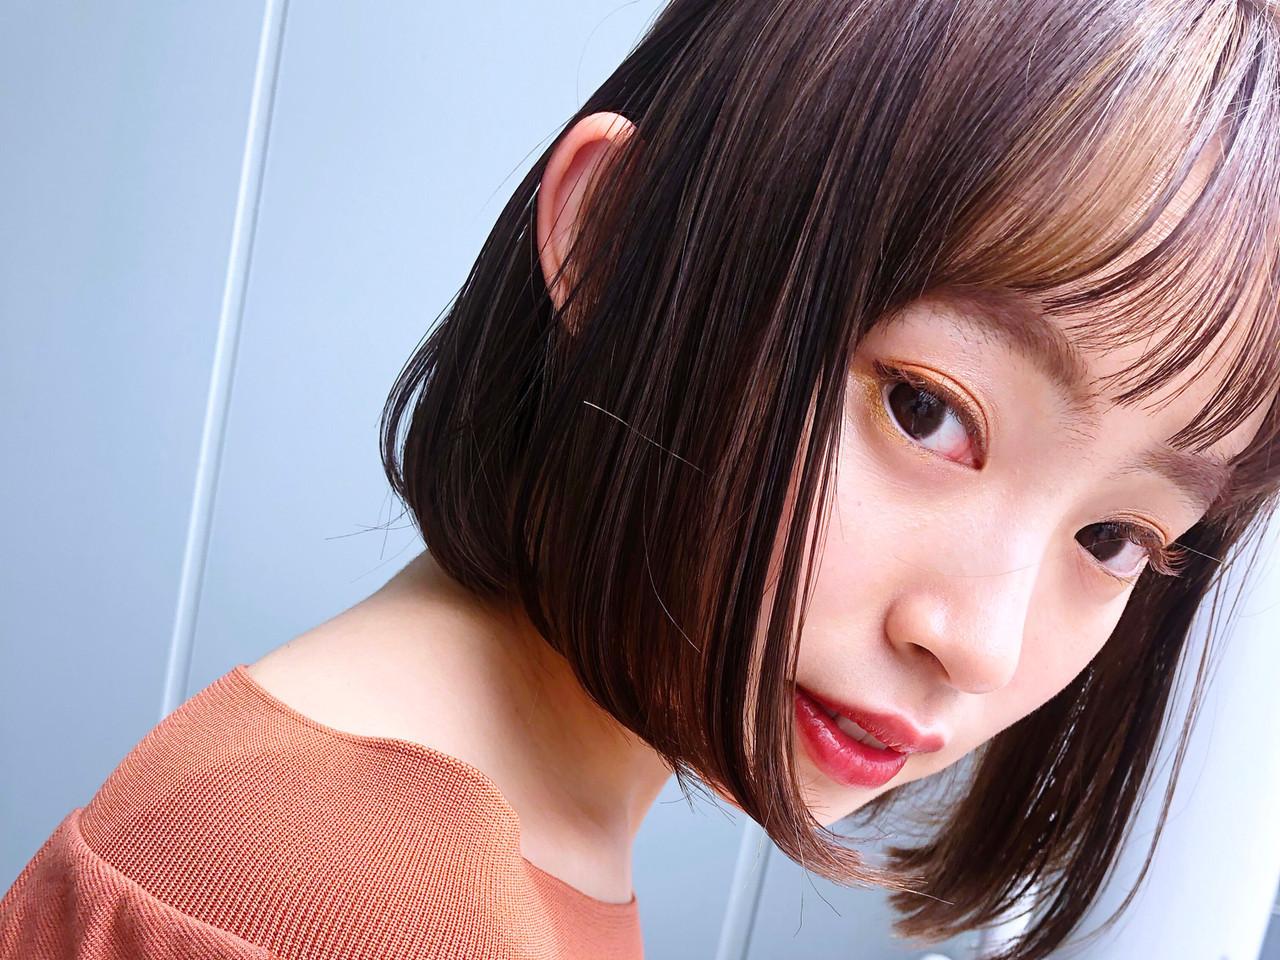 アナタの髪はどう?「そろそろ美容室に行って!」と訴える髪からの苦情